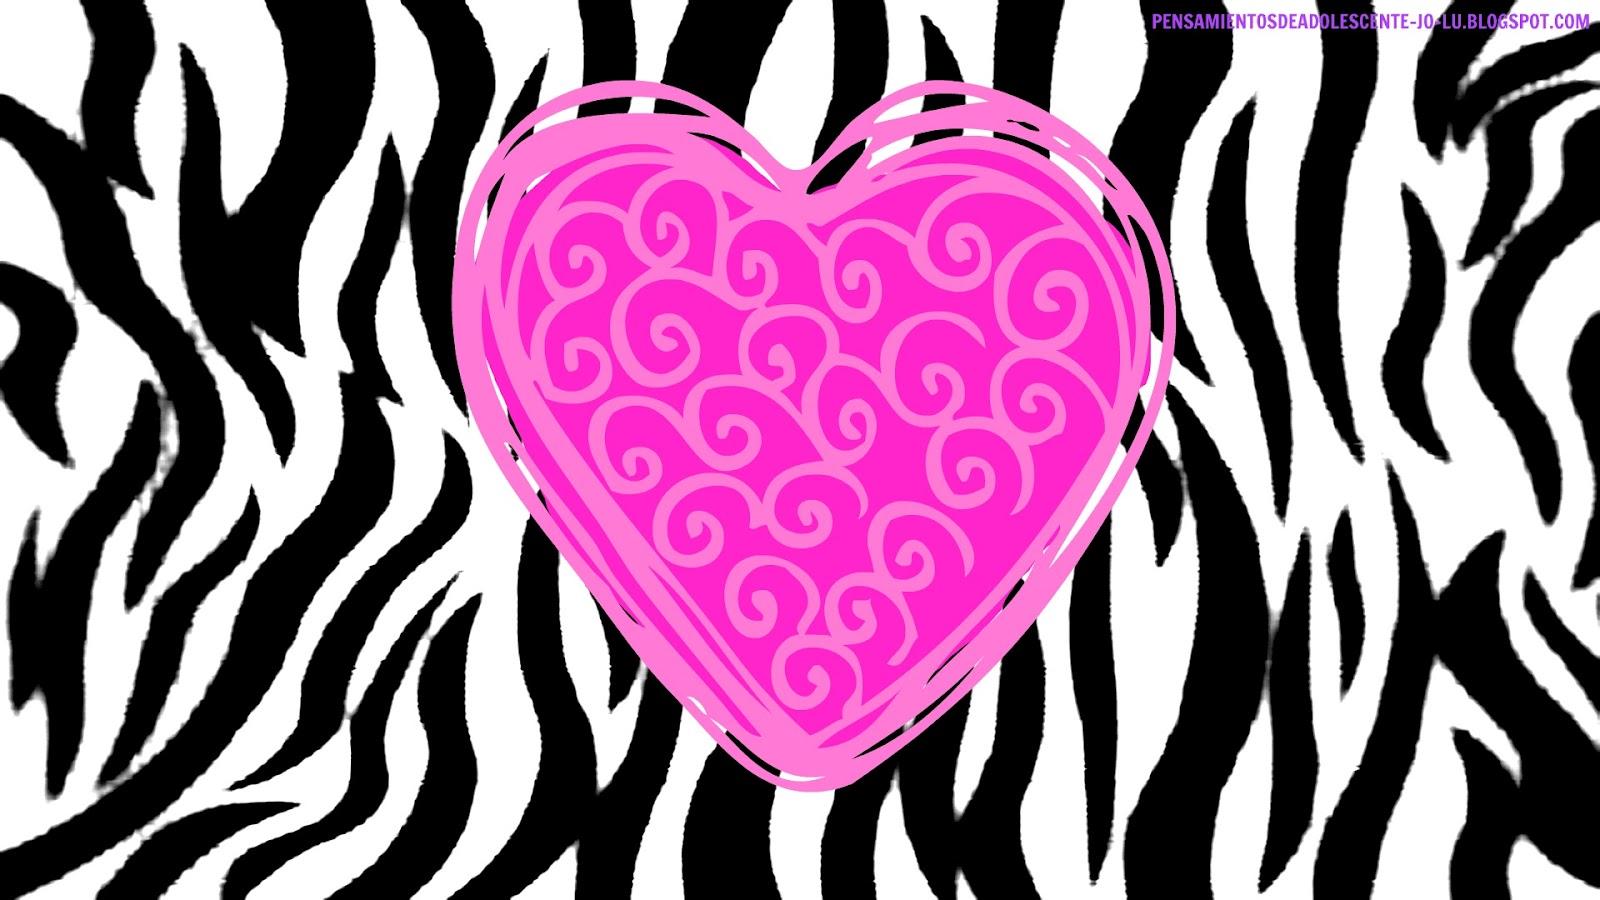 Imagenes De Fondo De Corazones - Imagenes para fondo de pantalla de corazones